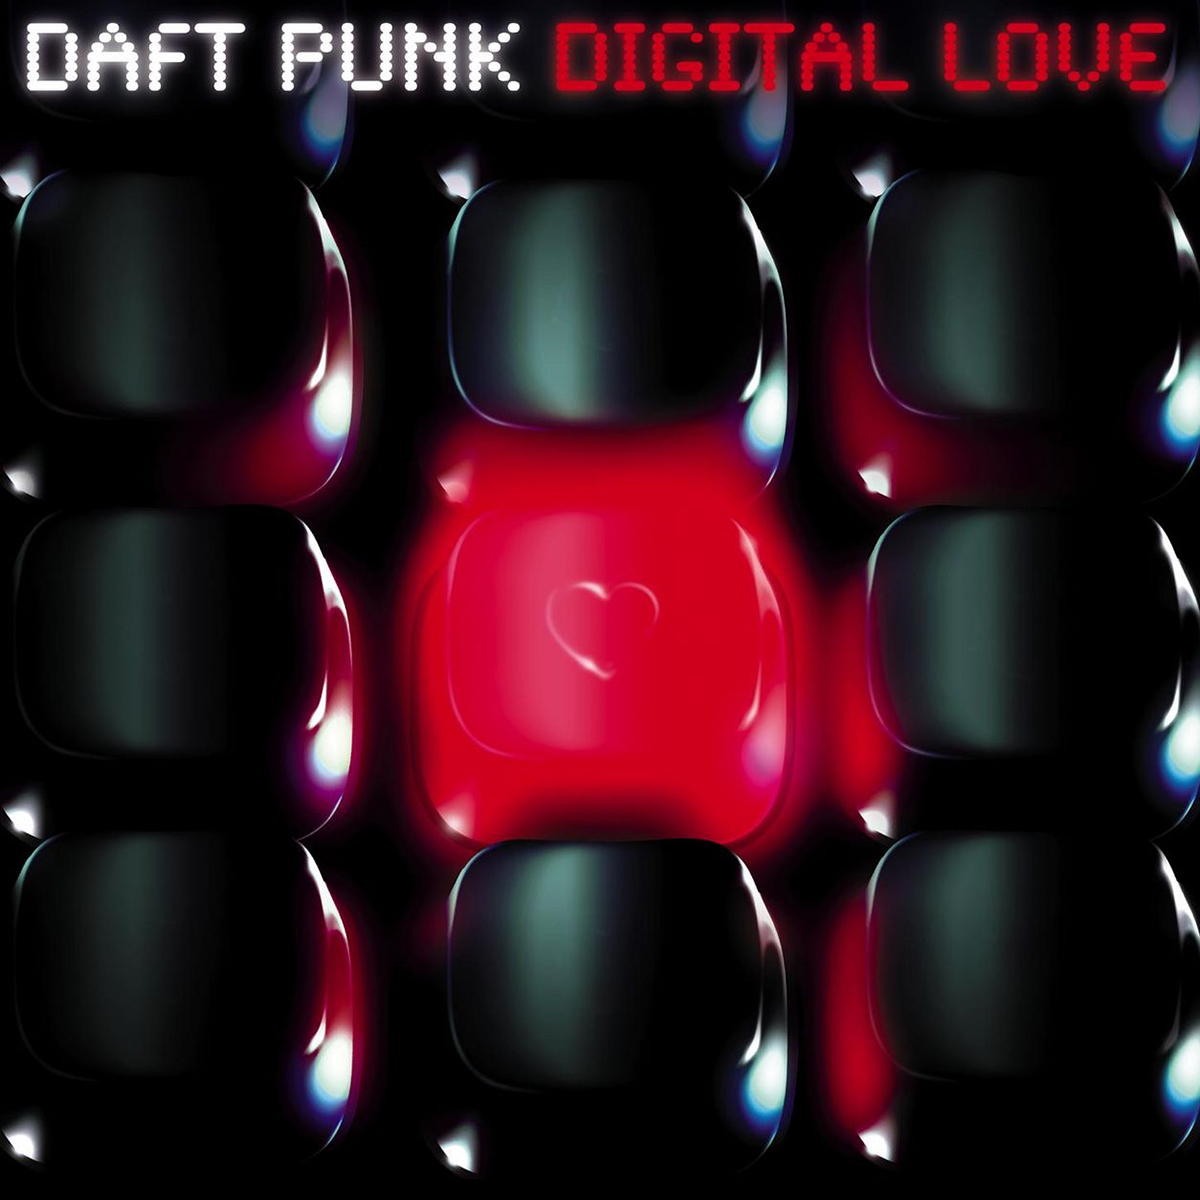 Archivo:Digital Love.jpg